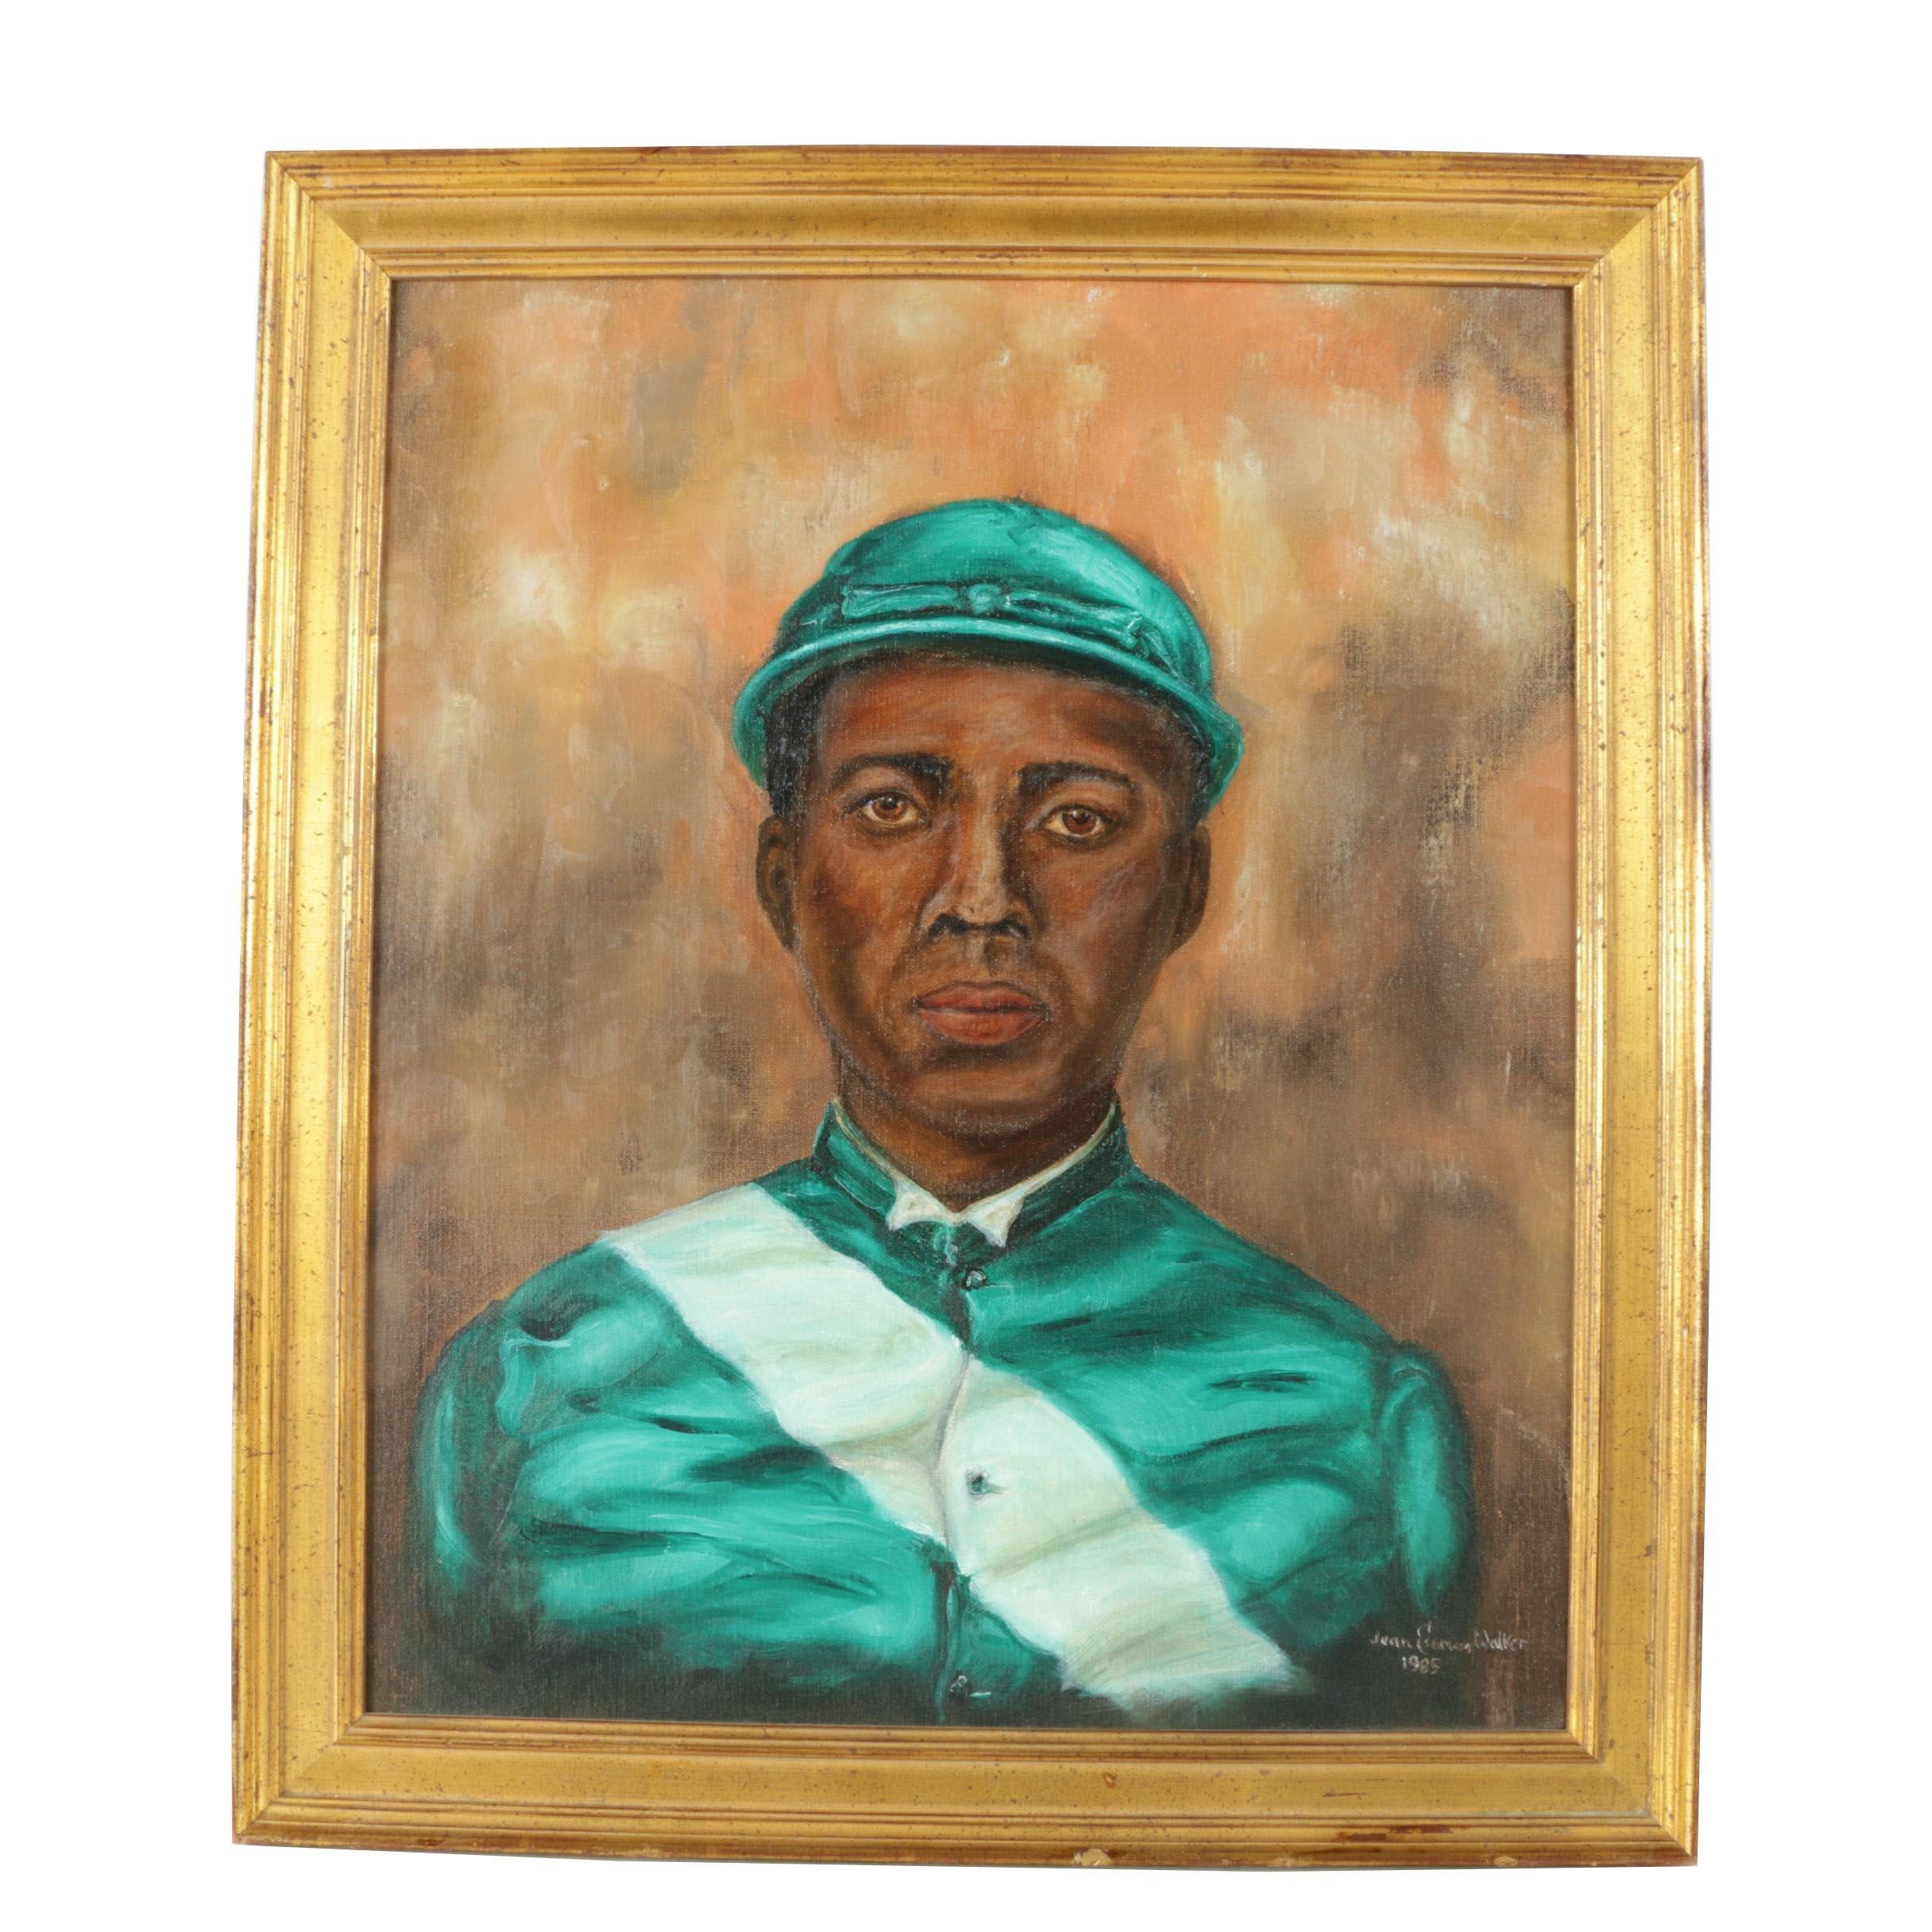 Jean Eseman Walker Oil Painting on Canvas of a Jockey